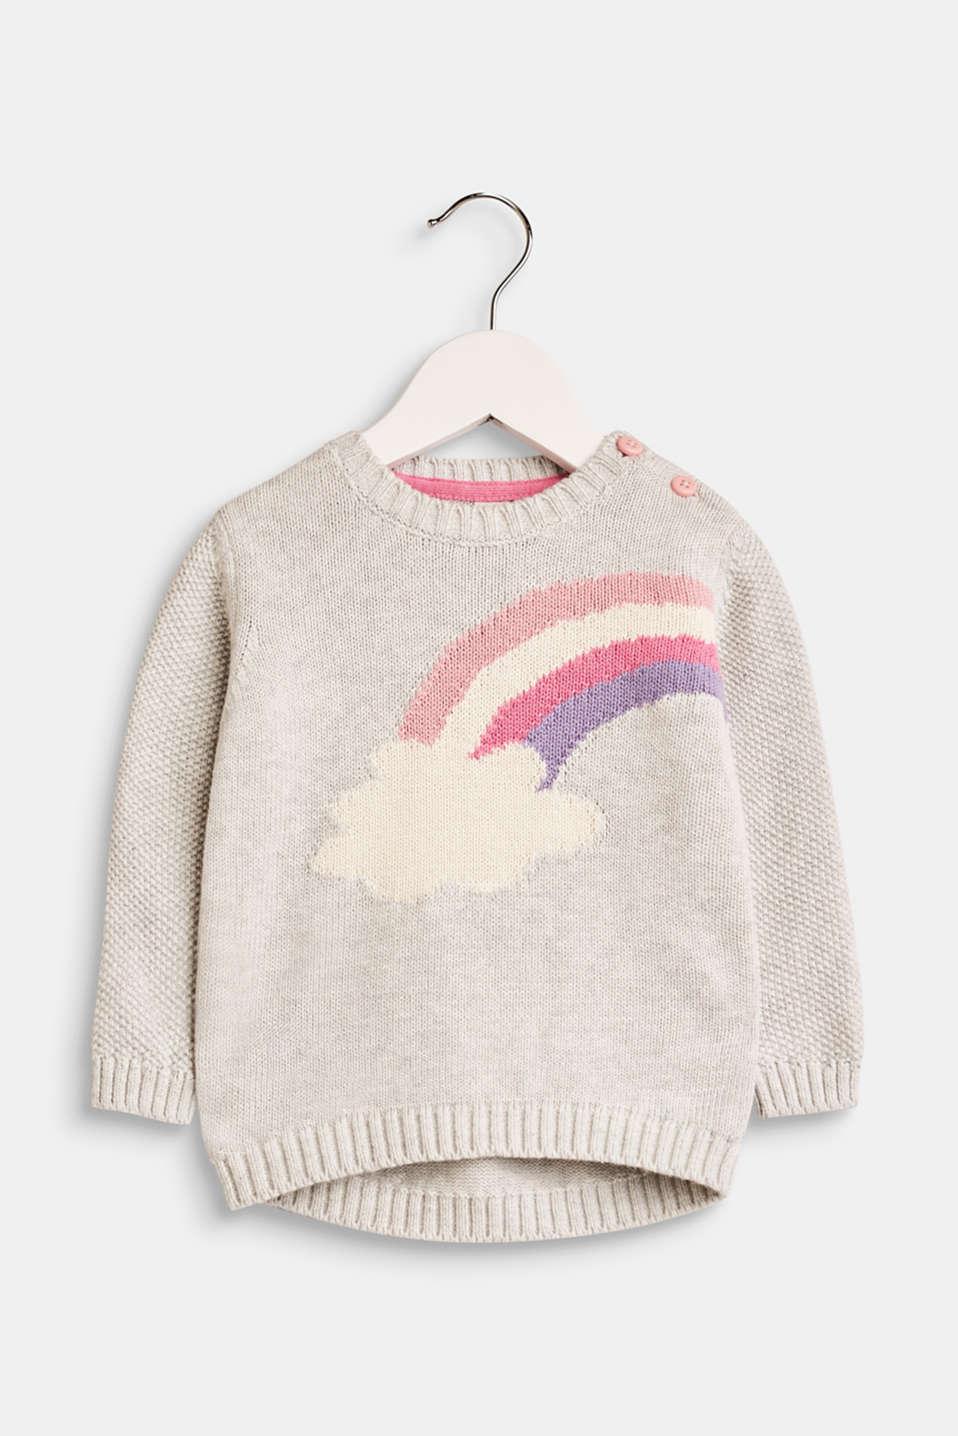 Esprit Feinstrick Pullover, 100% Baumwolle im Online Shop